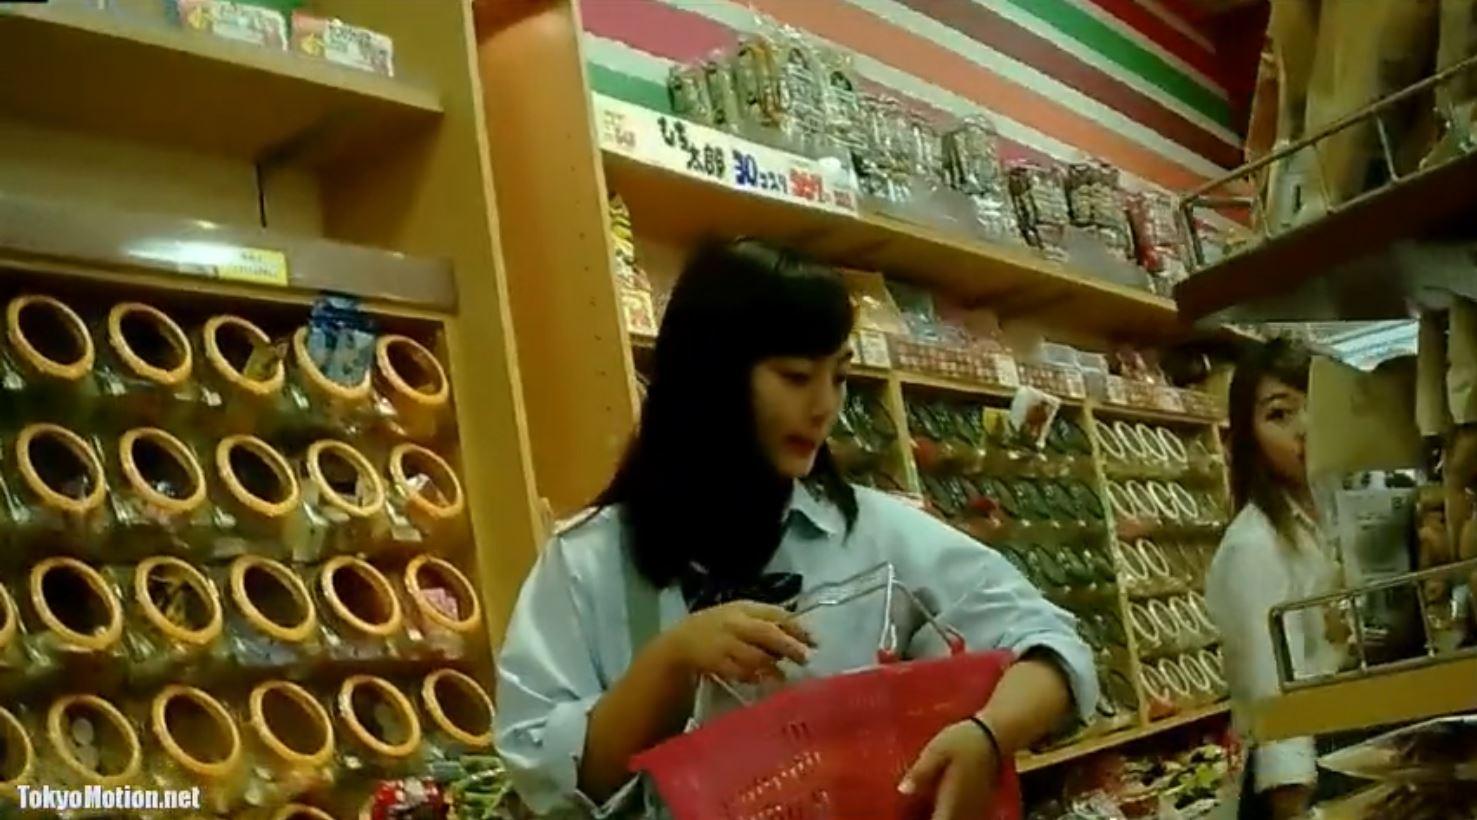 《女子校生ガチ動画パンティ逆さ盗撮》【顔出し】『激カワ美人JKも!!!』JK数人のパンティを撮影♪